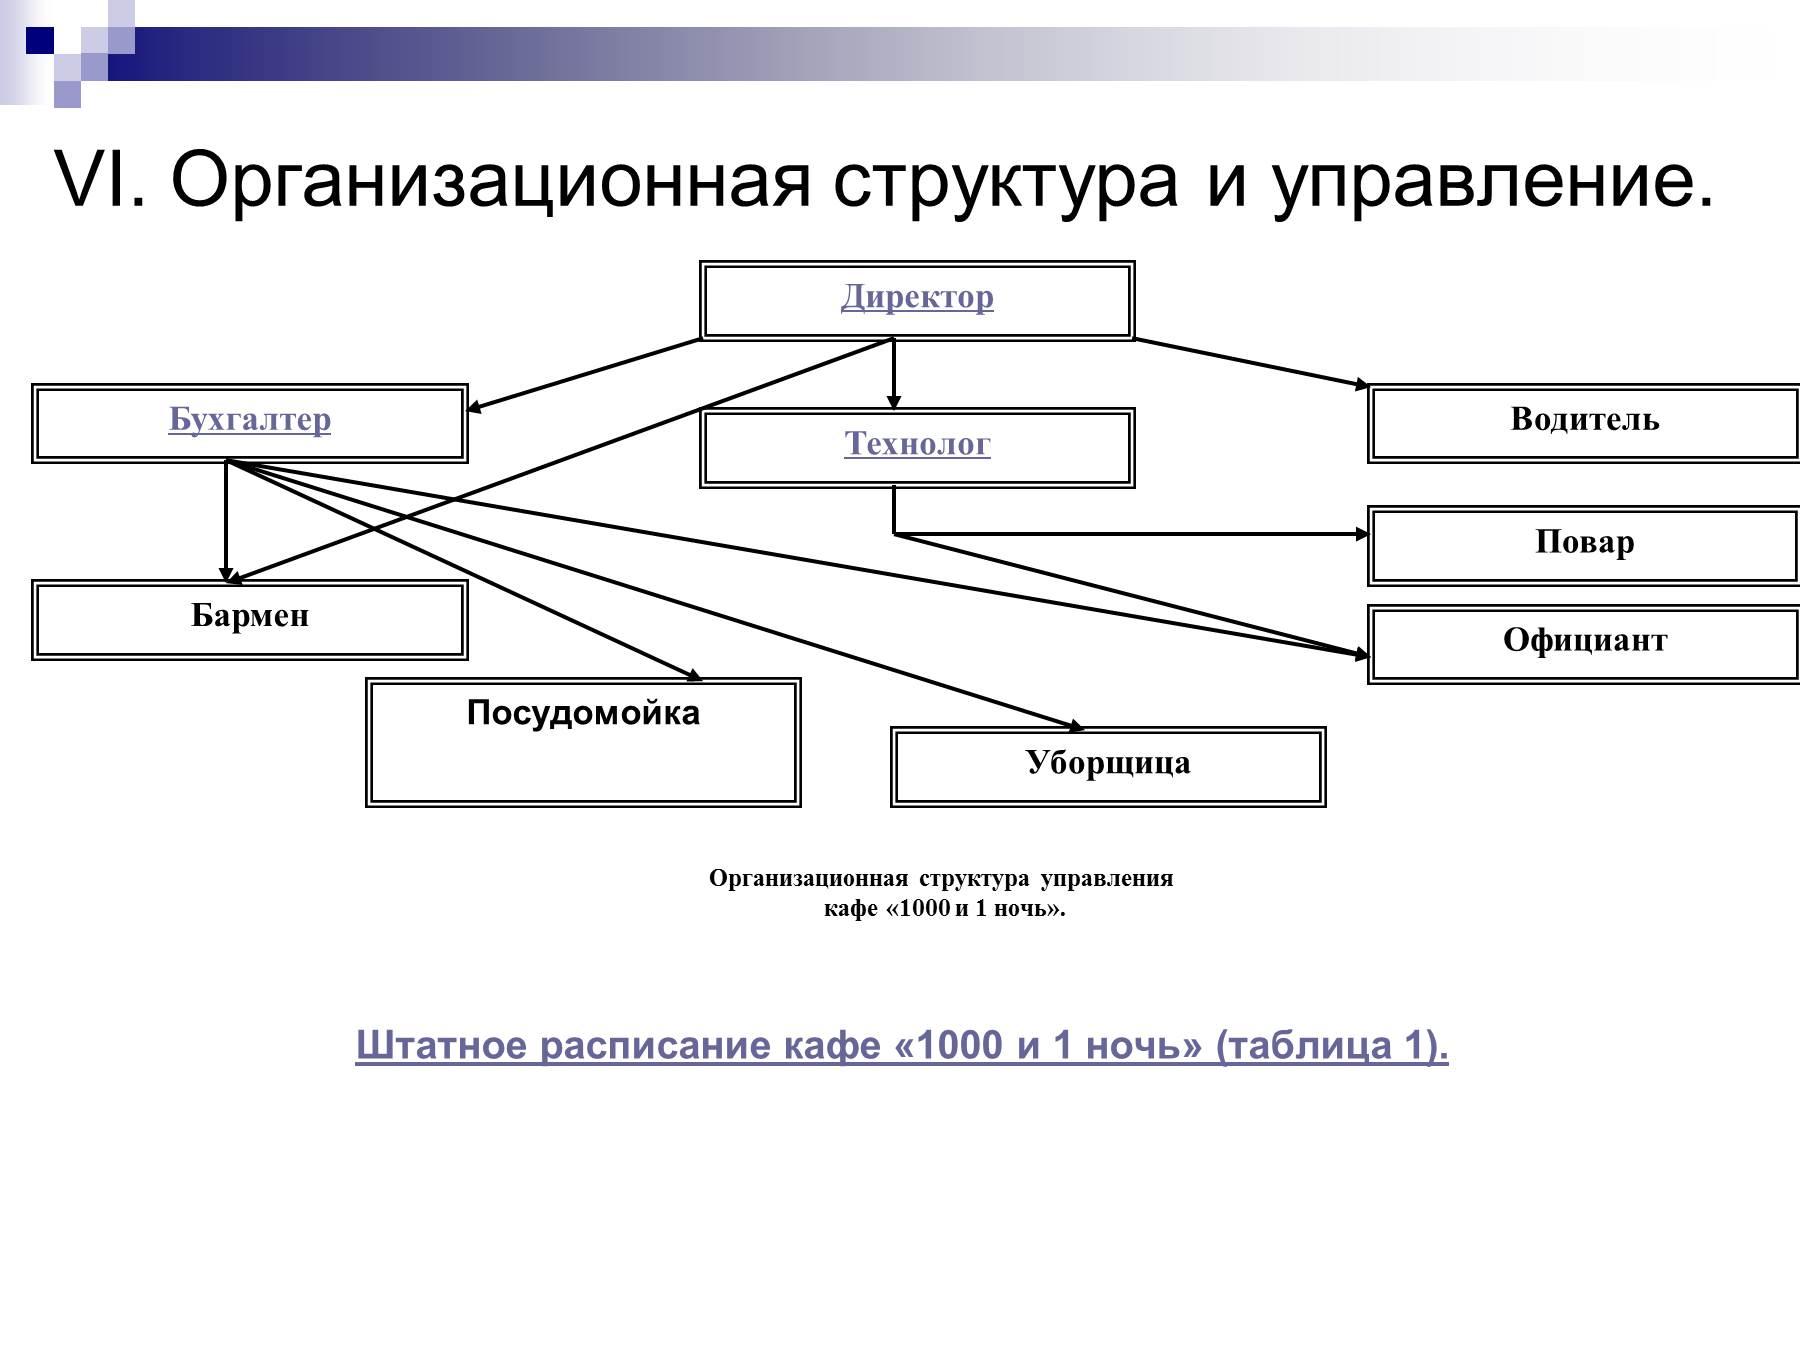 Схема управление рестораном